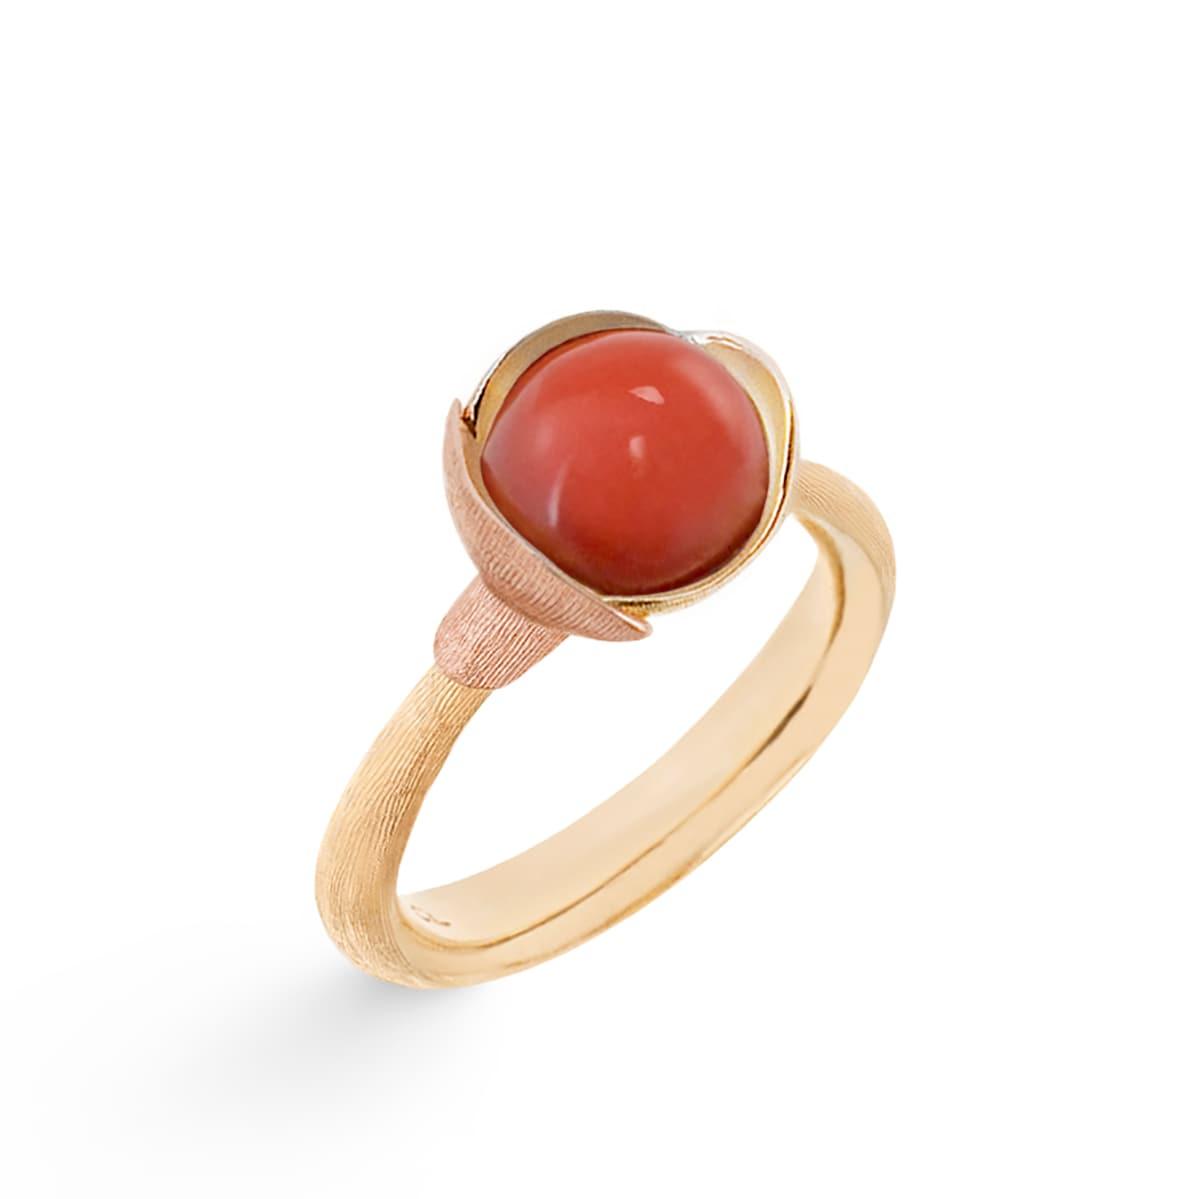 Ole_Lynggaard_Lotus_Ring 1_Red Coral_A2650-415_V2_hos_Jarl_Sandin